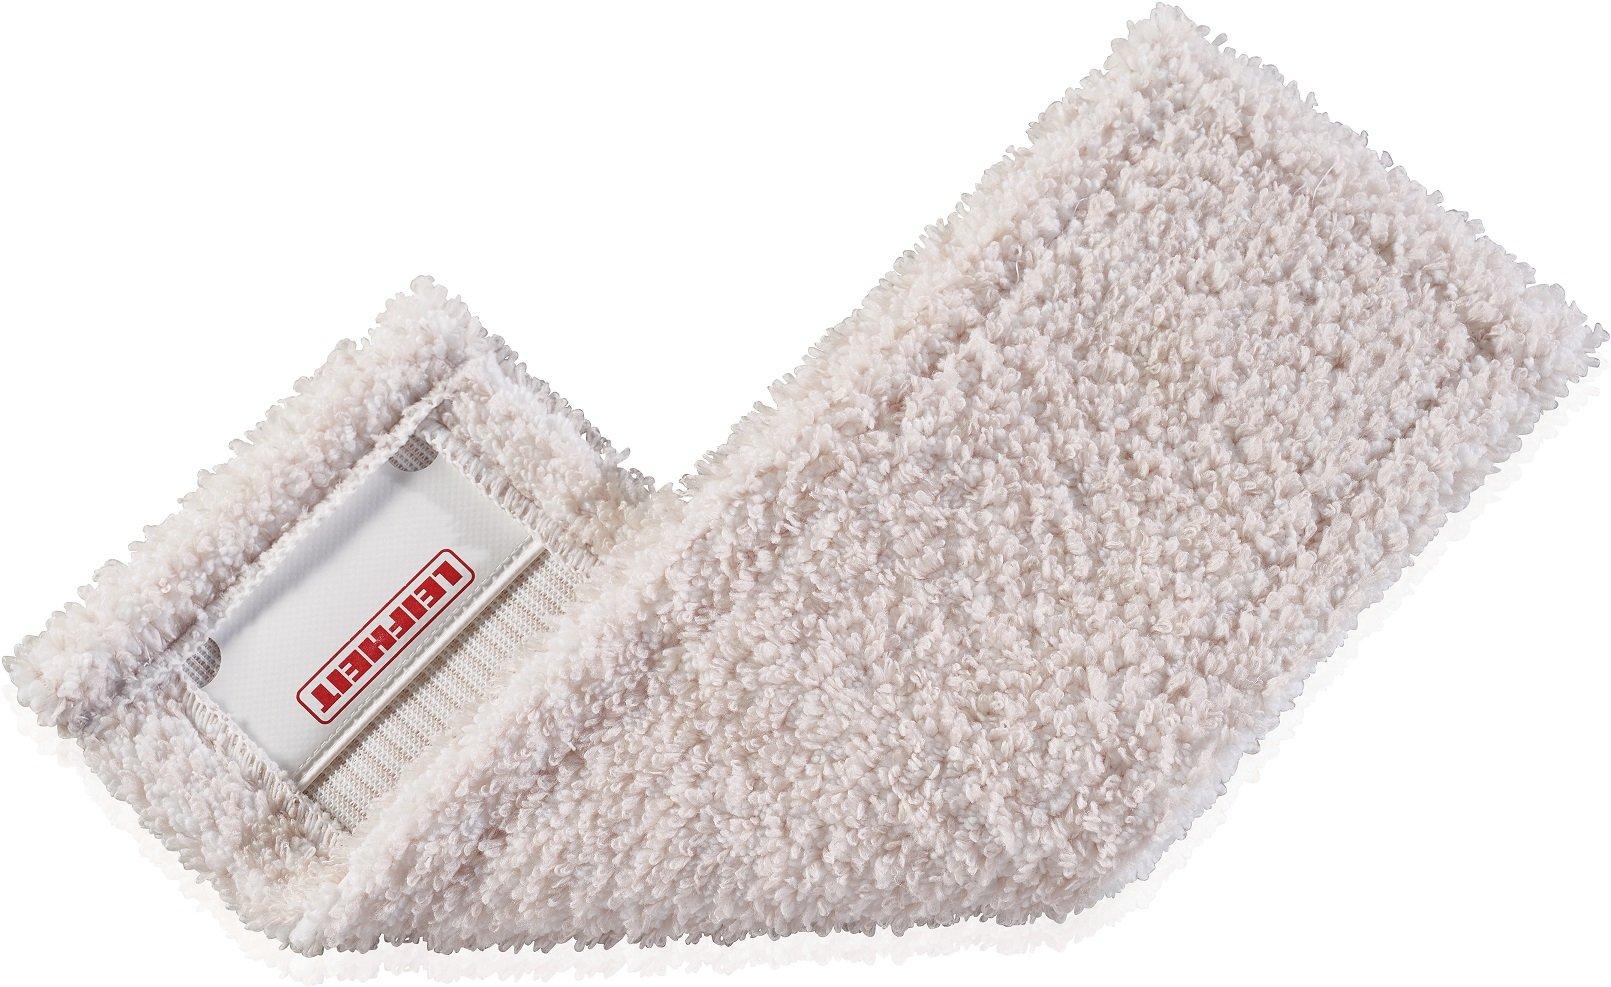 Leifheit Náhradní návlek PROTECT Super soft k mopu s rozprašovačem CARE & PROTECT 56506